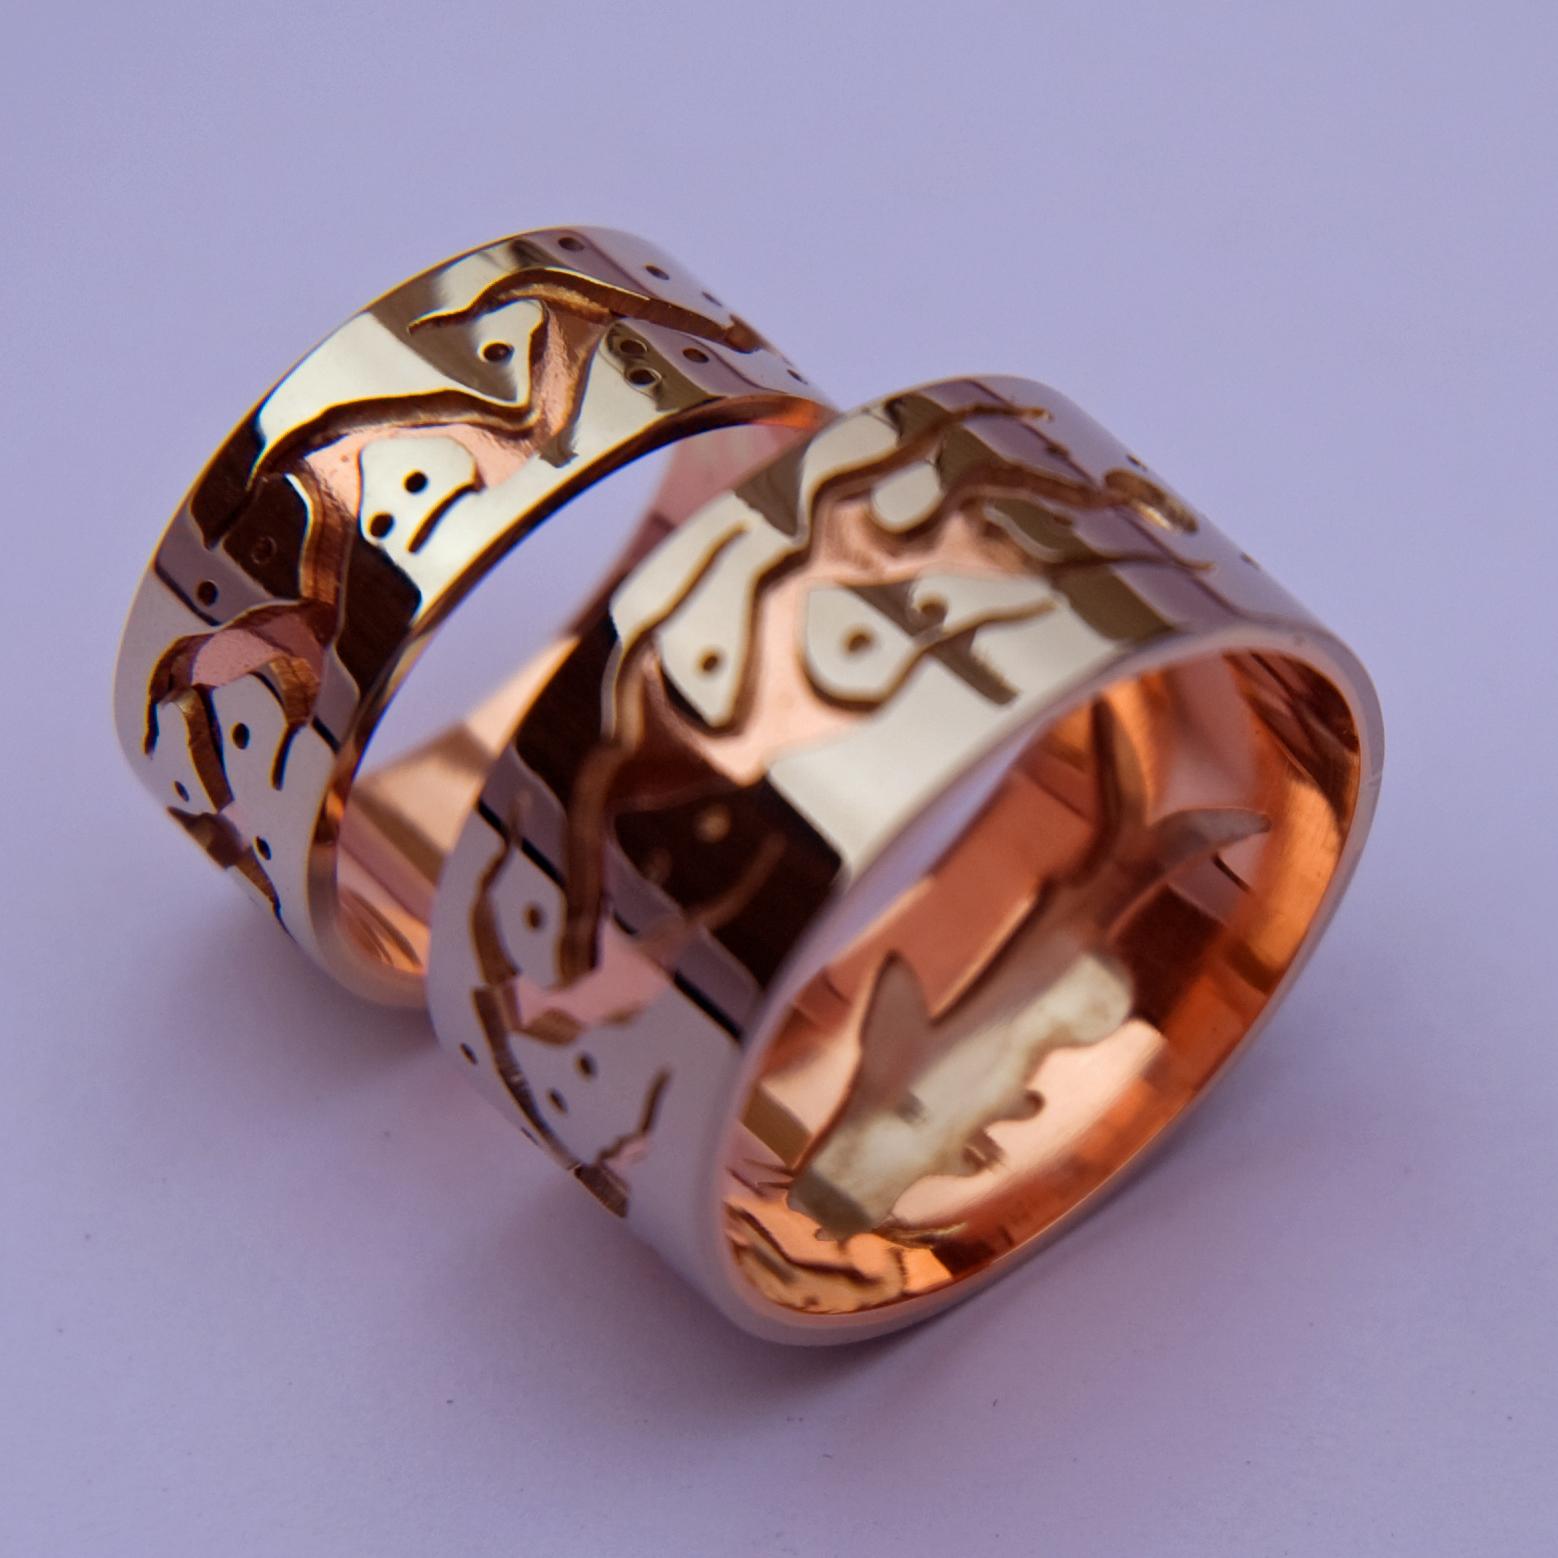 Design trouwringen ontworpen met behulp van de overlay-techniek zijn een specialiteit van ZhaawaArt